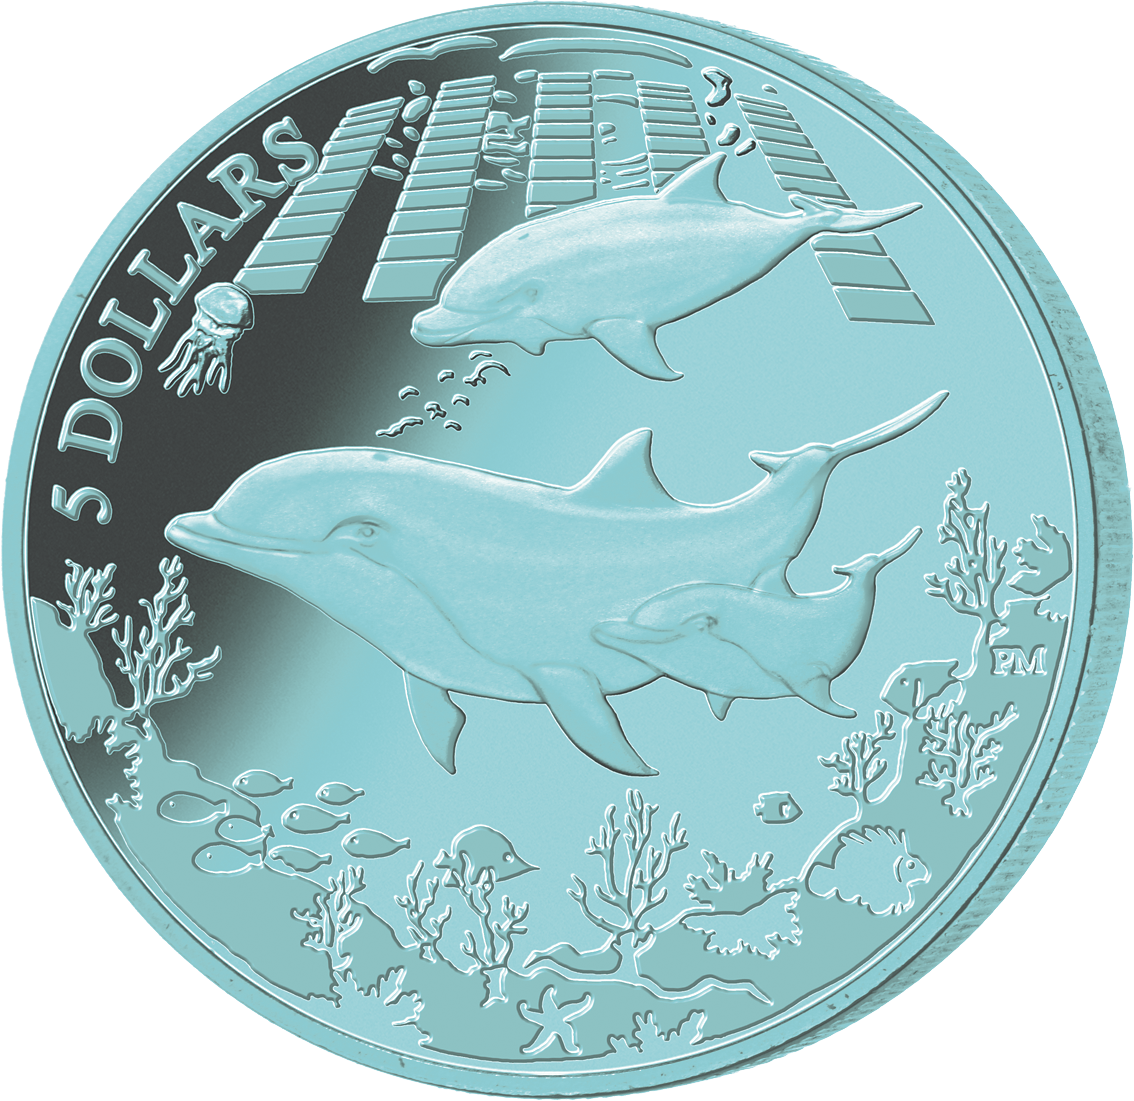 Titan Farbmünzen Mdm Deutsche Münze